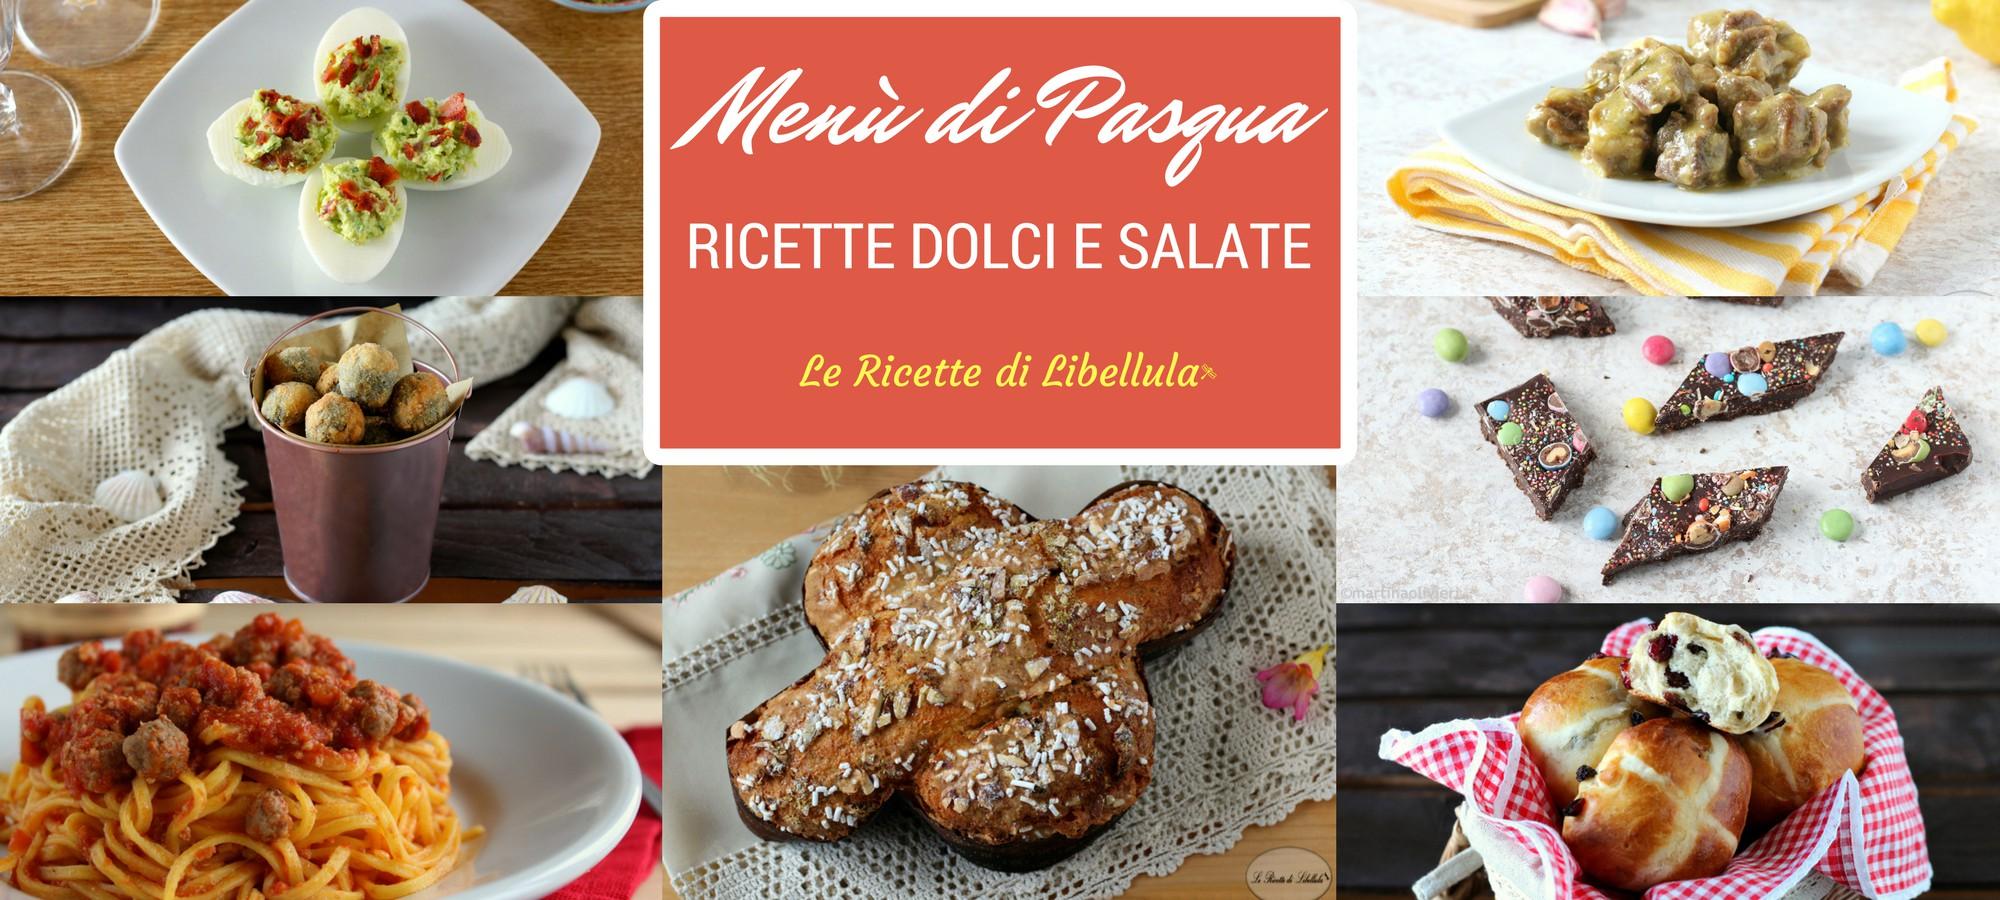 Menu di pasqua ricette dolci e salate for Ricette dolci di pasqua